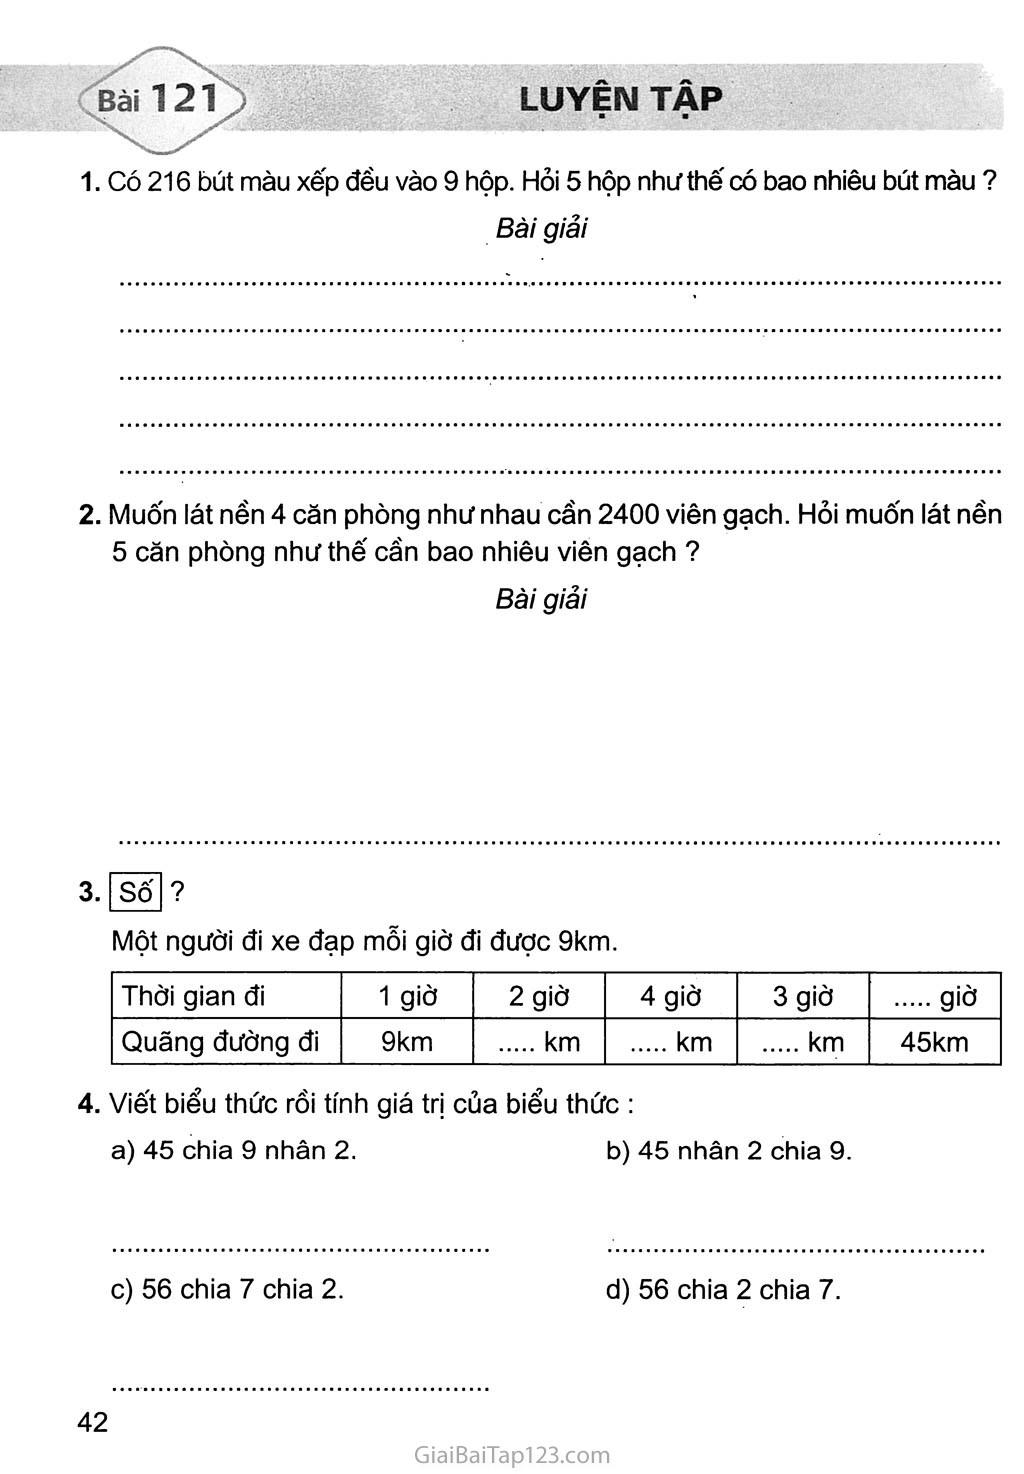 Bài 121: Luyện tập trang 1